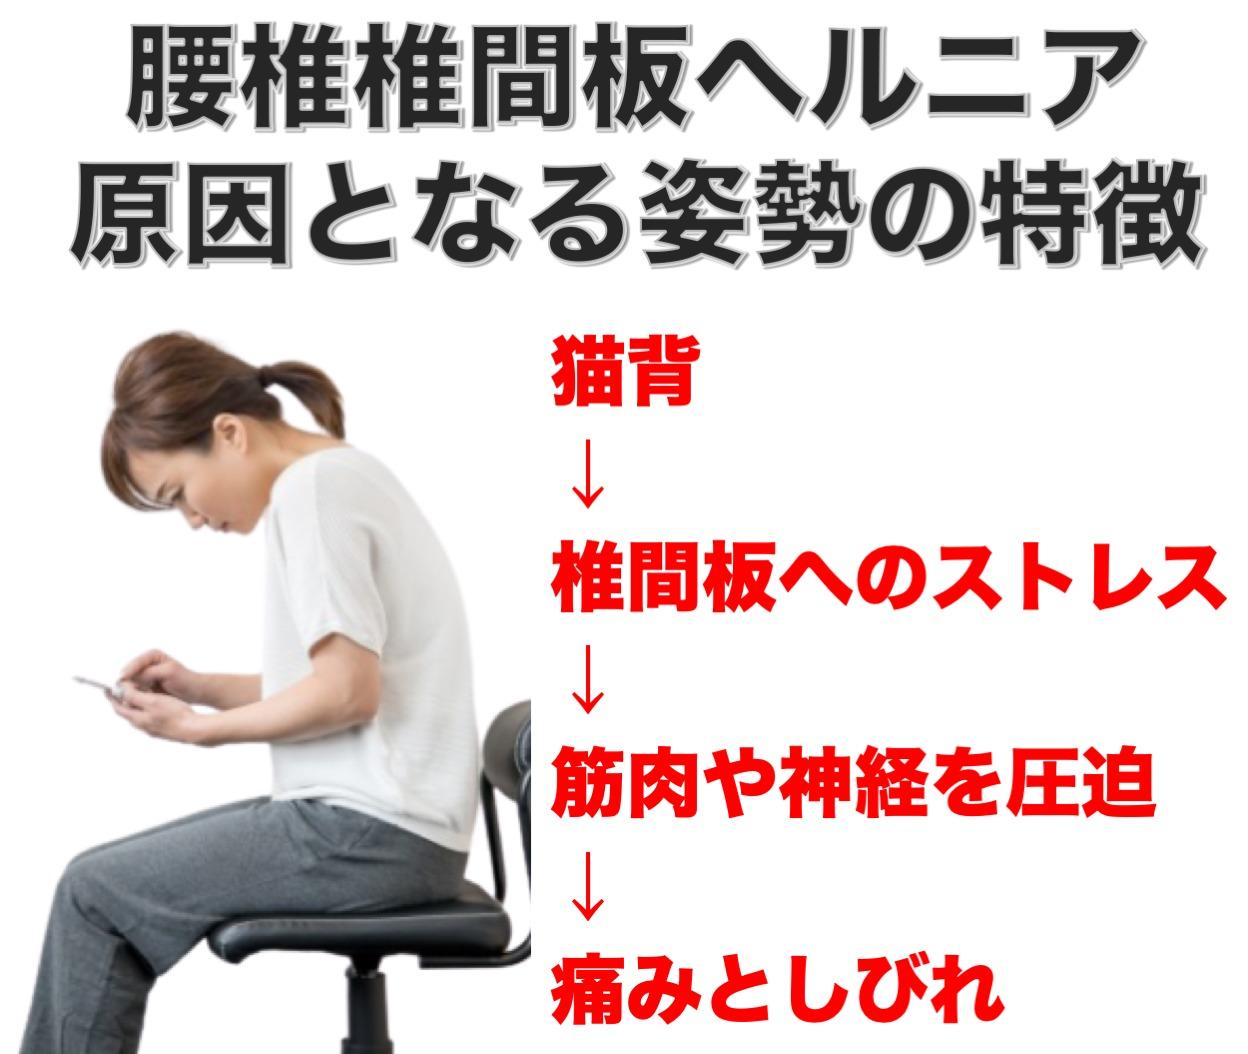 腰椎椎間板ヘルニアの原因姿勢